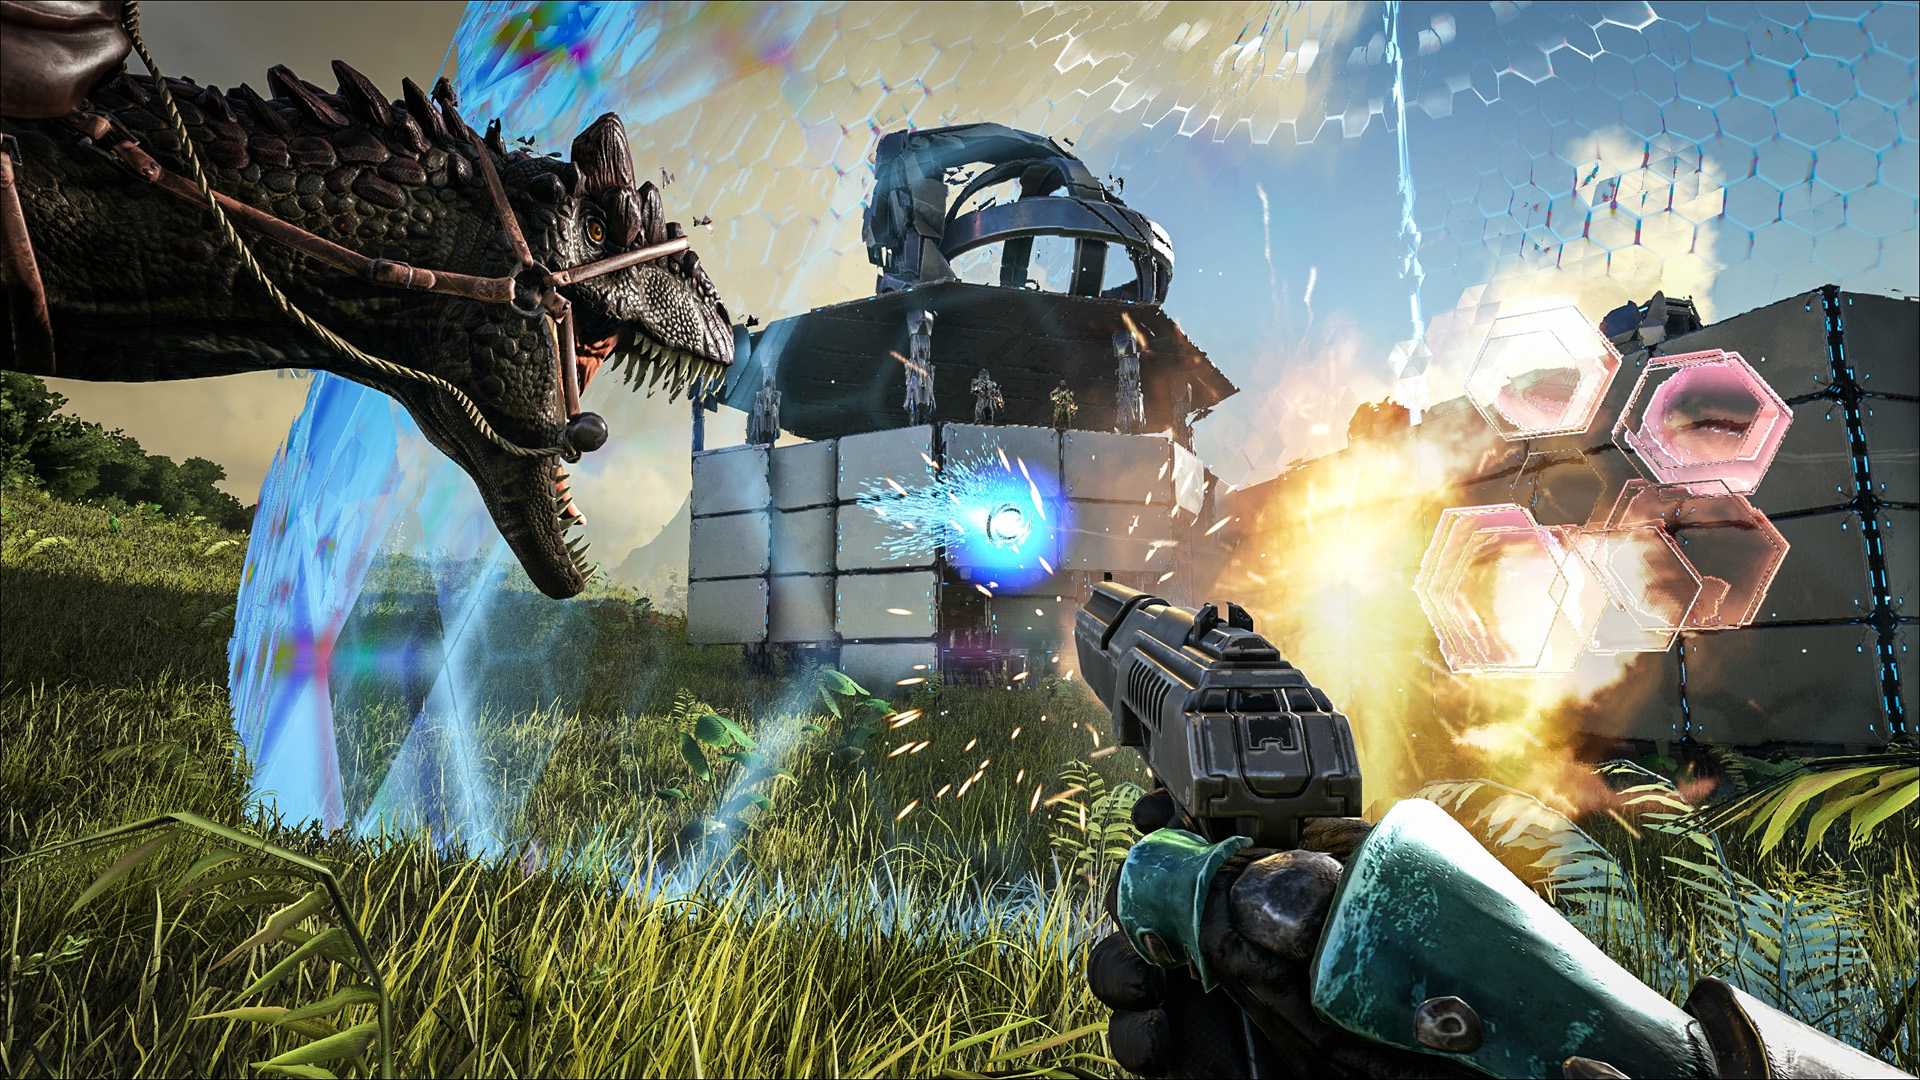 Скриншот ARK Survival Evolved v297.64 + 8 DLC скачать торрент бесплатно